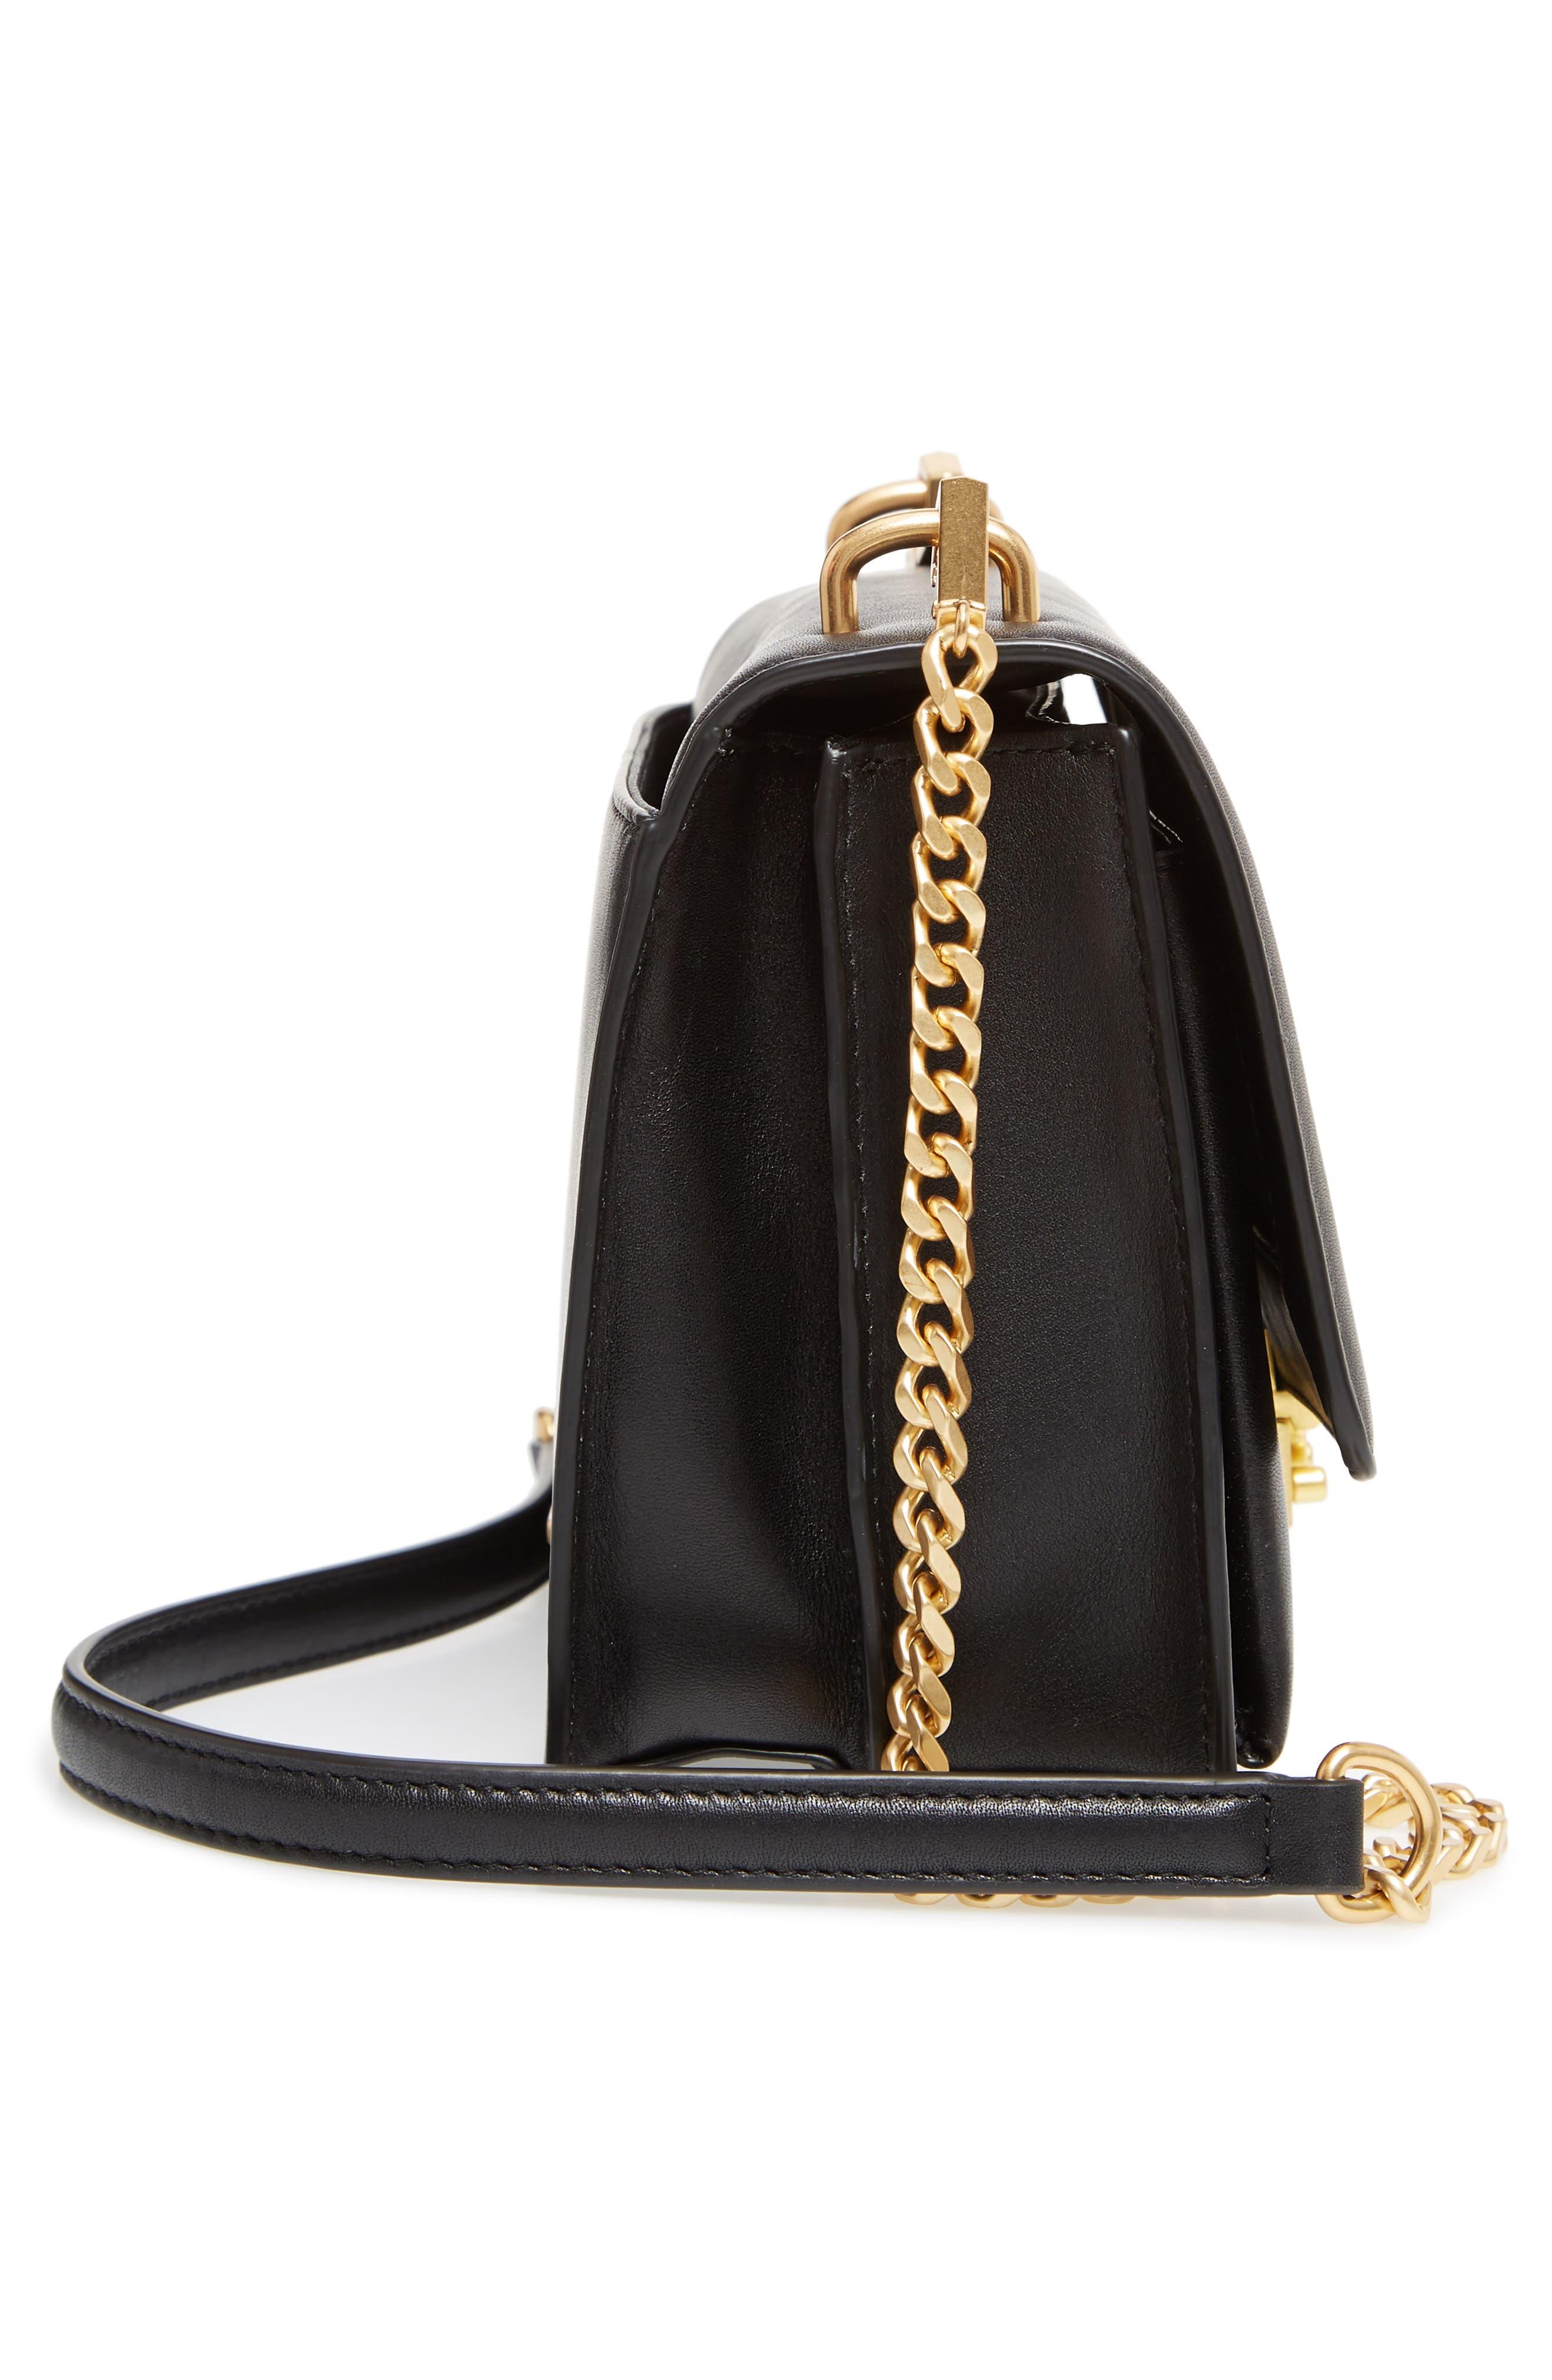 Medium Christy Leather Shoulder Bag,                             Alternate thumbnail 5, color,                             001